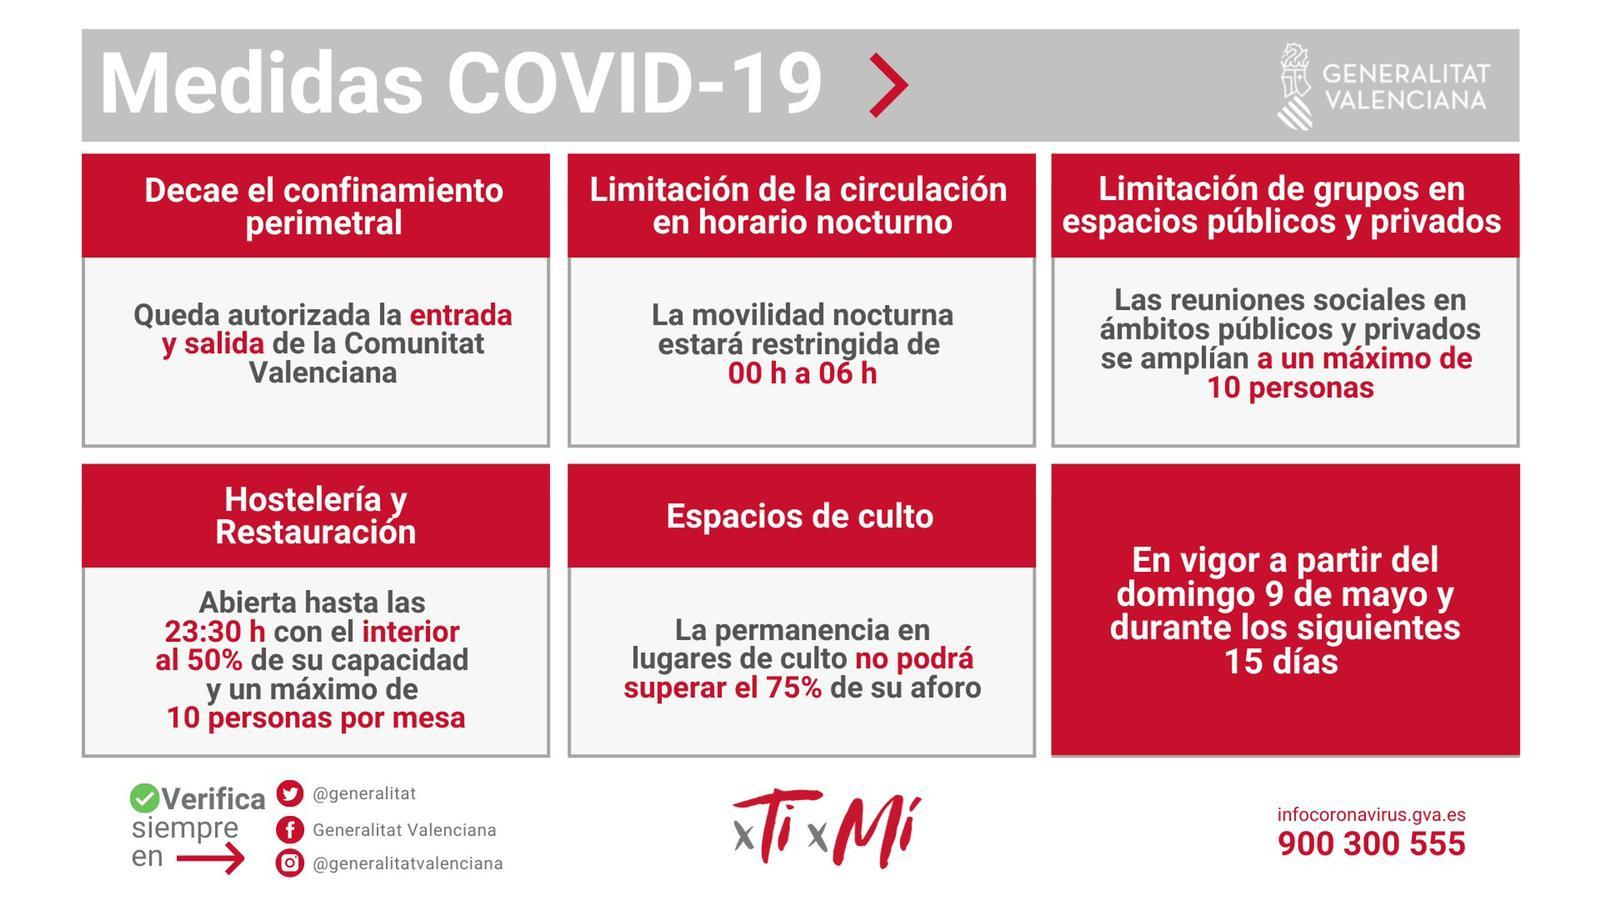 Medidas anticovid desde el 9 de mayo